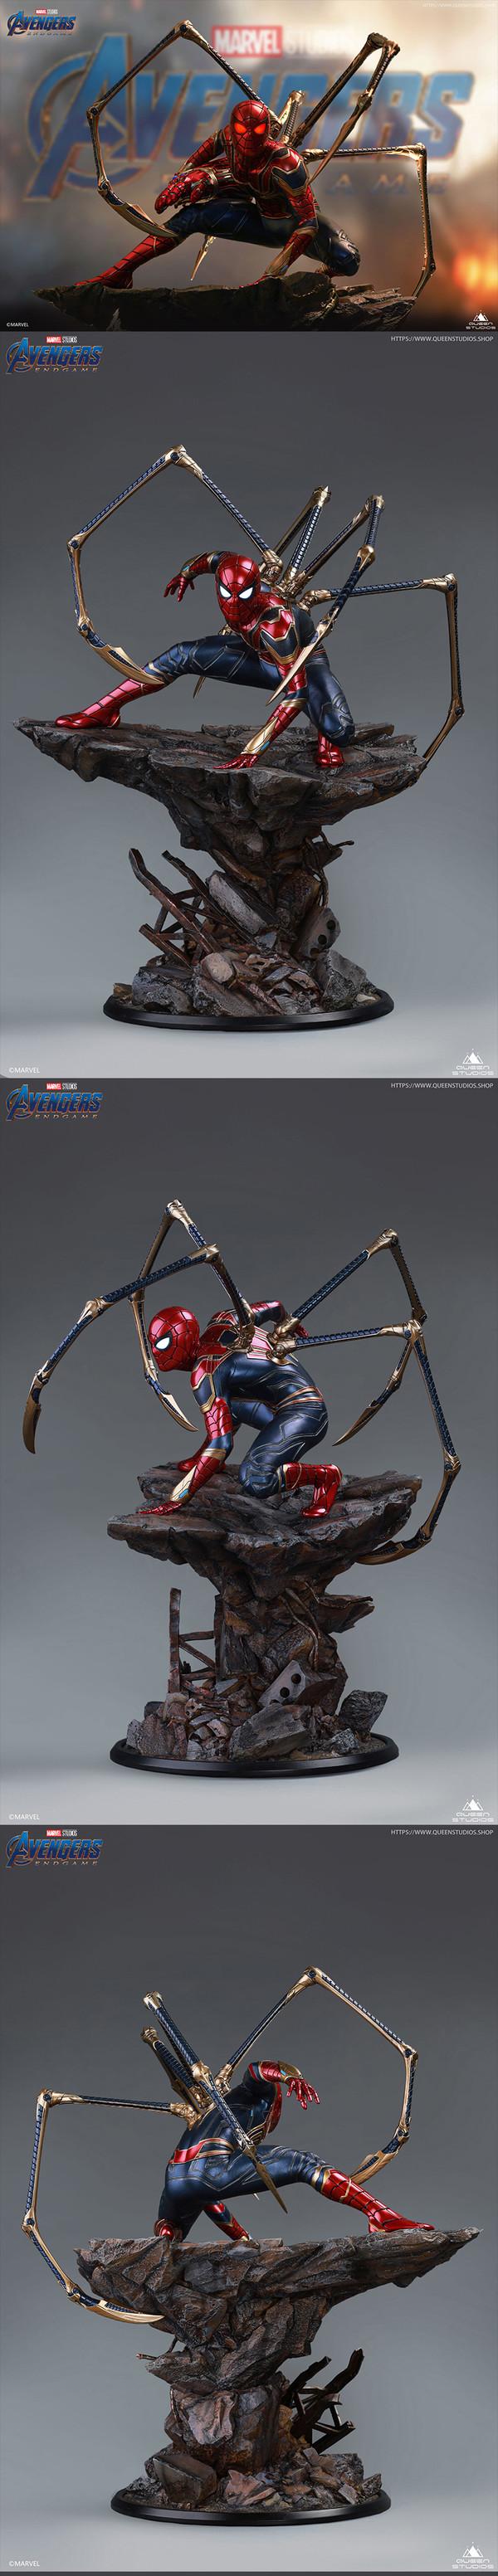 玩模总动员、新品预定:Queen Studios《复仇者联盟4》 钢铁蜘蛛侠 1/4全身像 豪华版